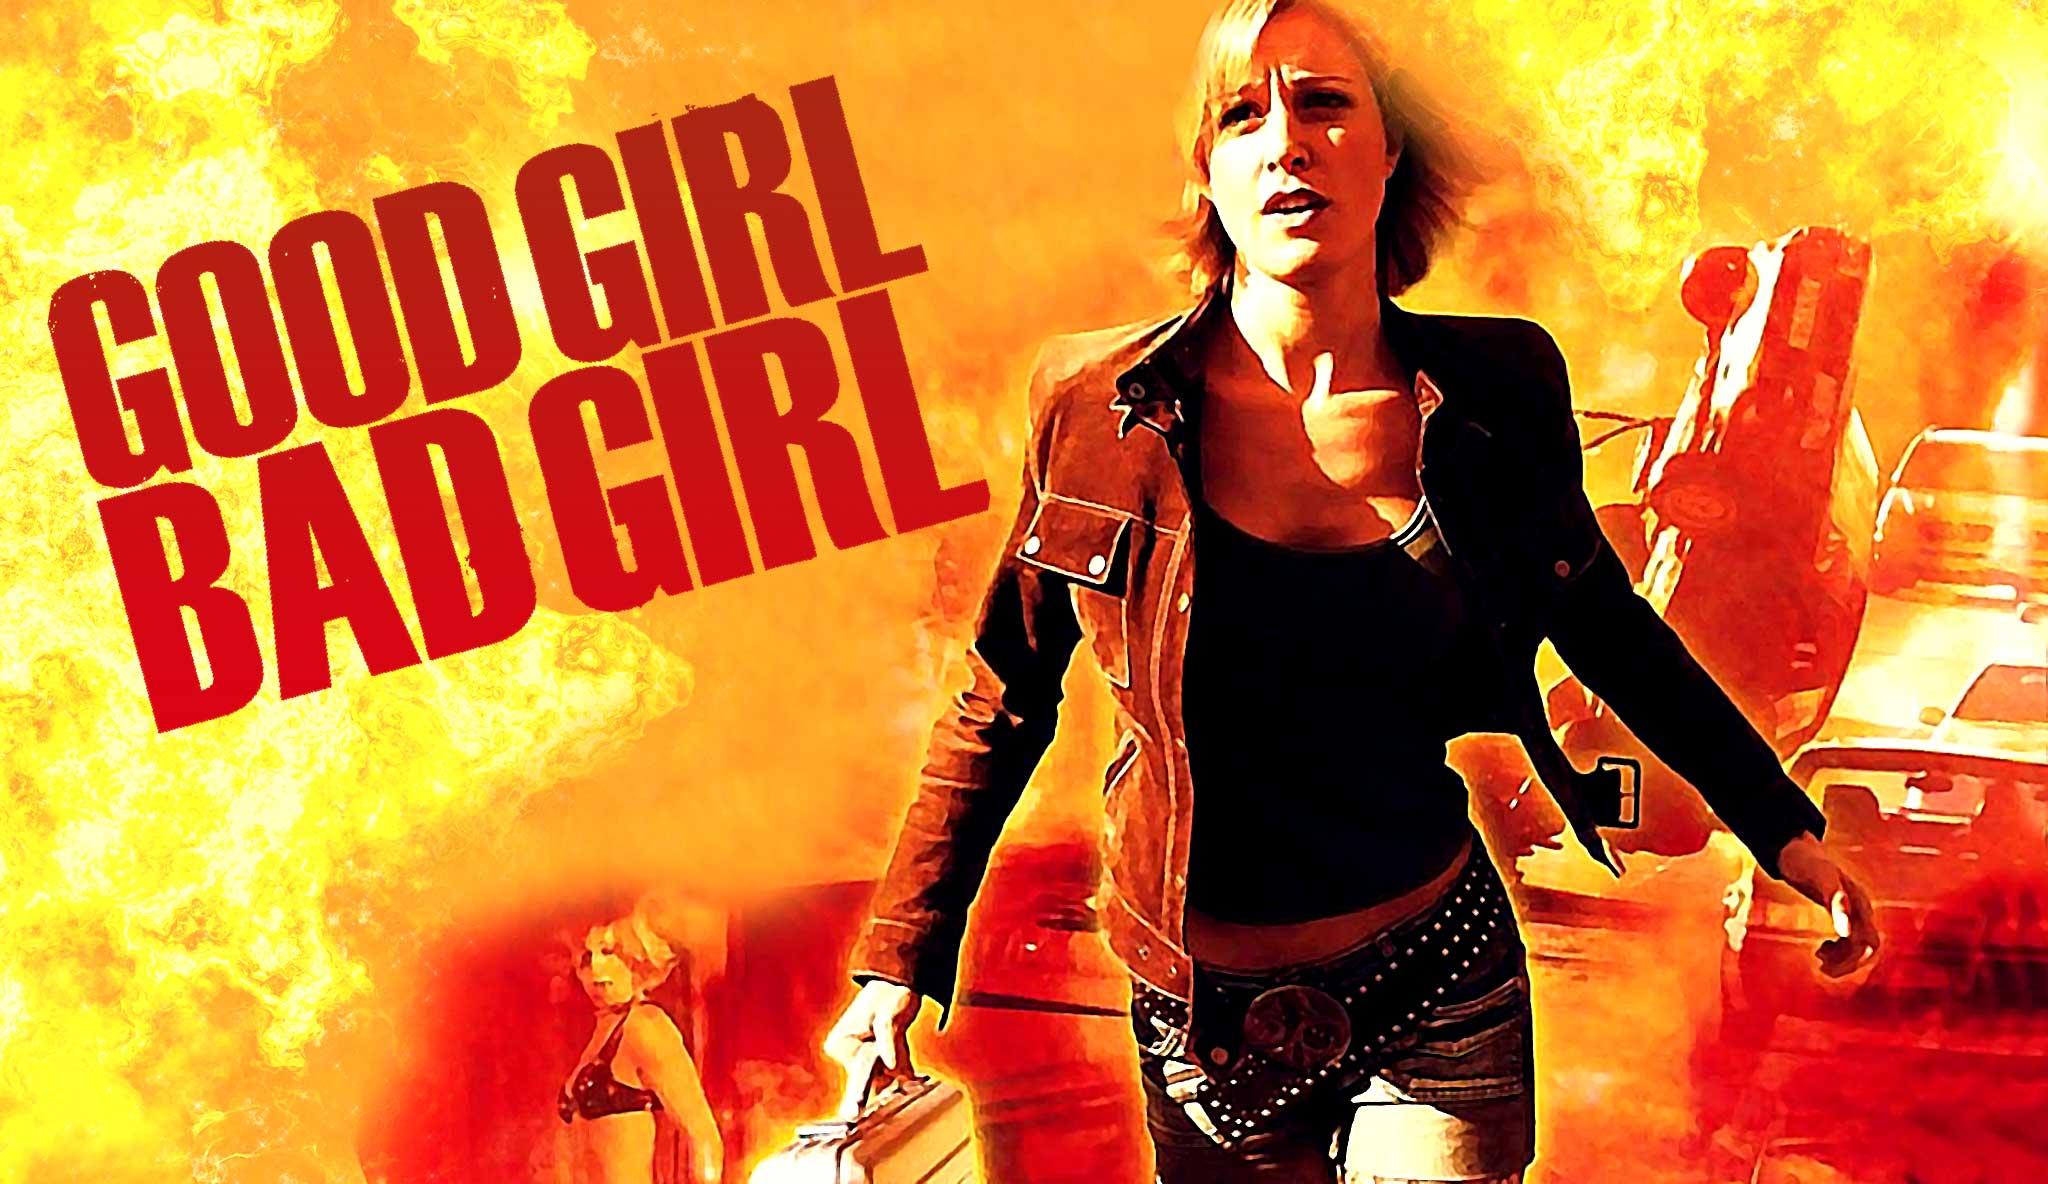 good-girl-bad-girl\header.jpg